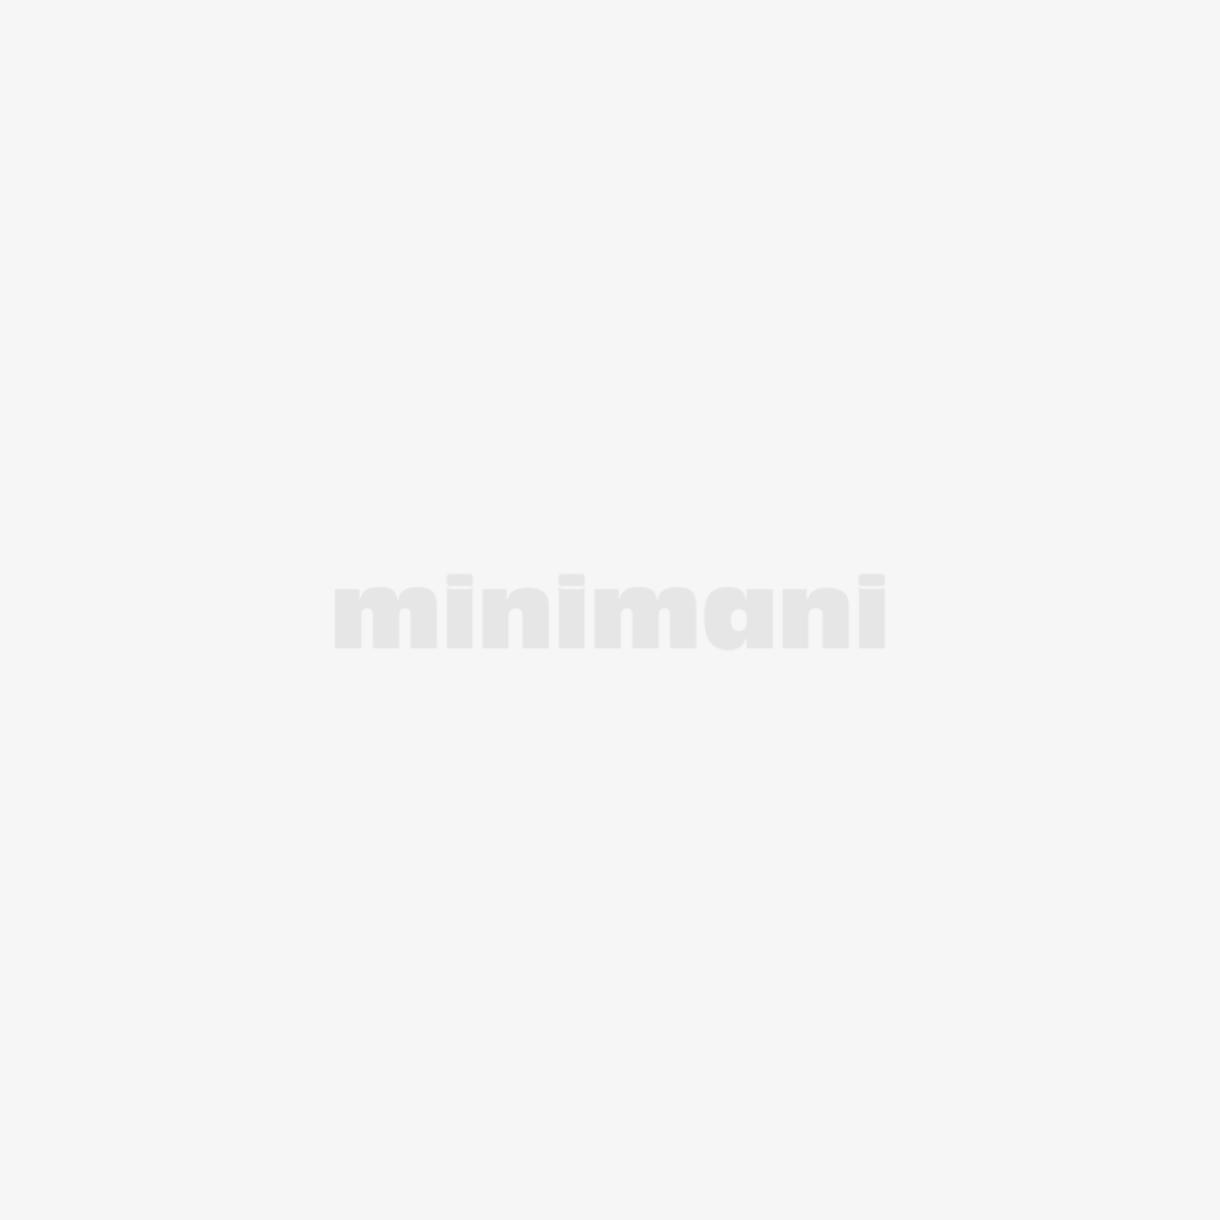 Vallila matto 160x230 cm, Estelle harmaa